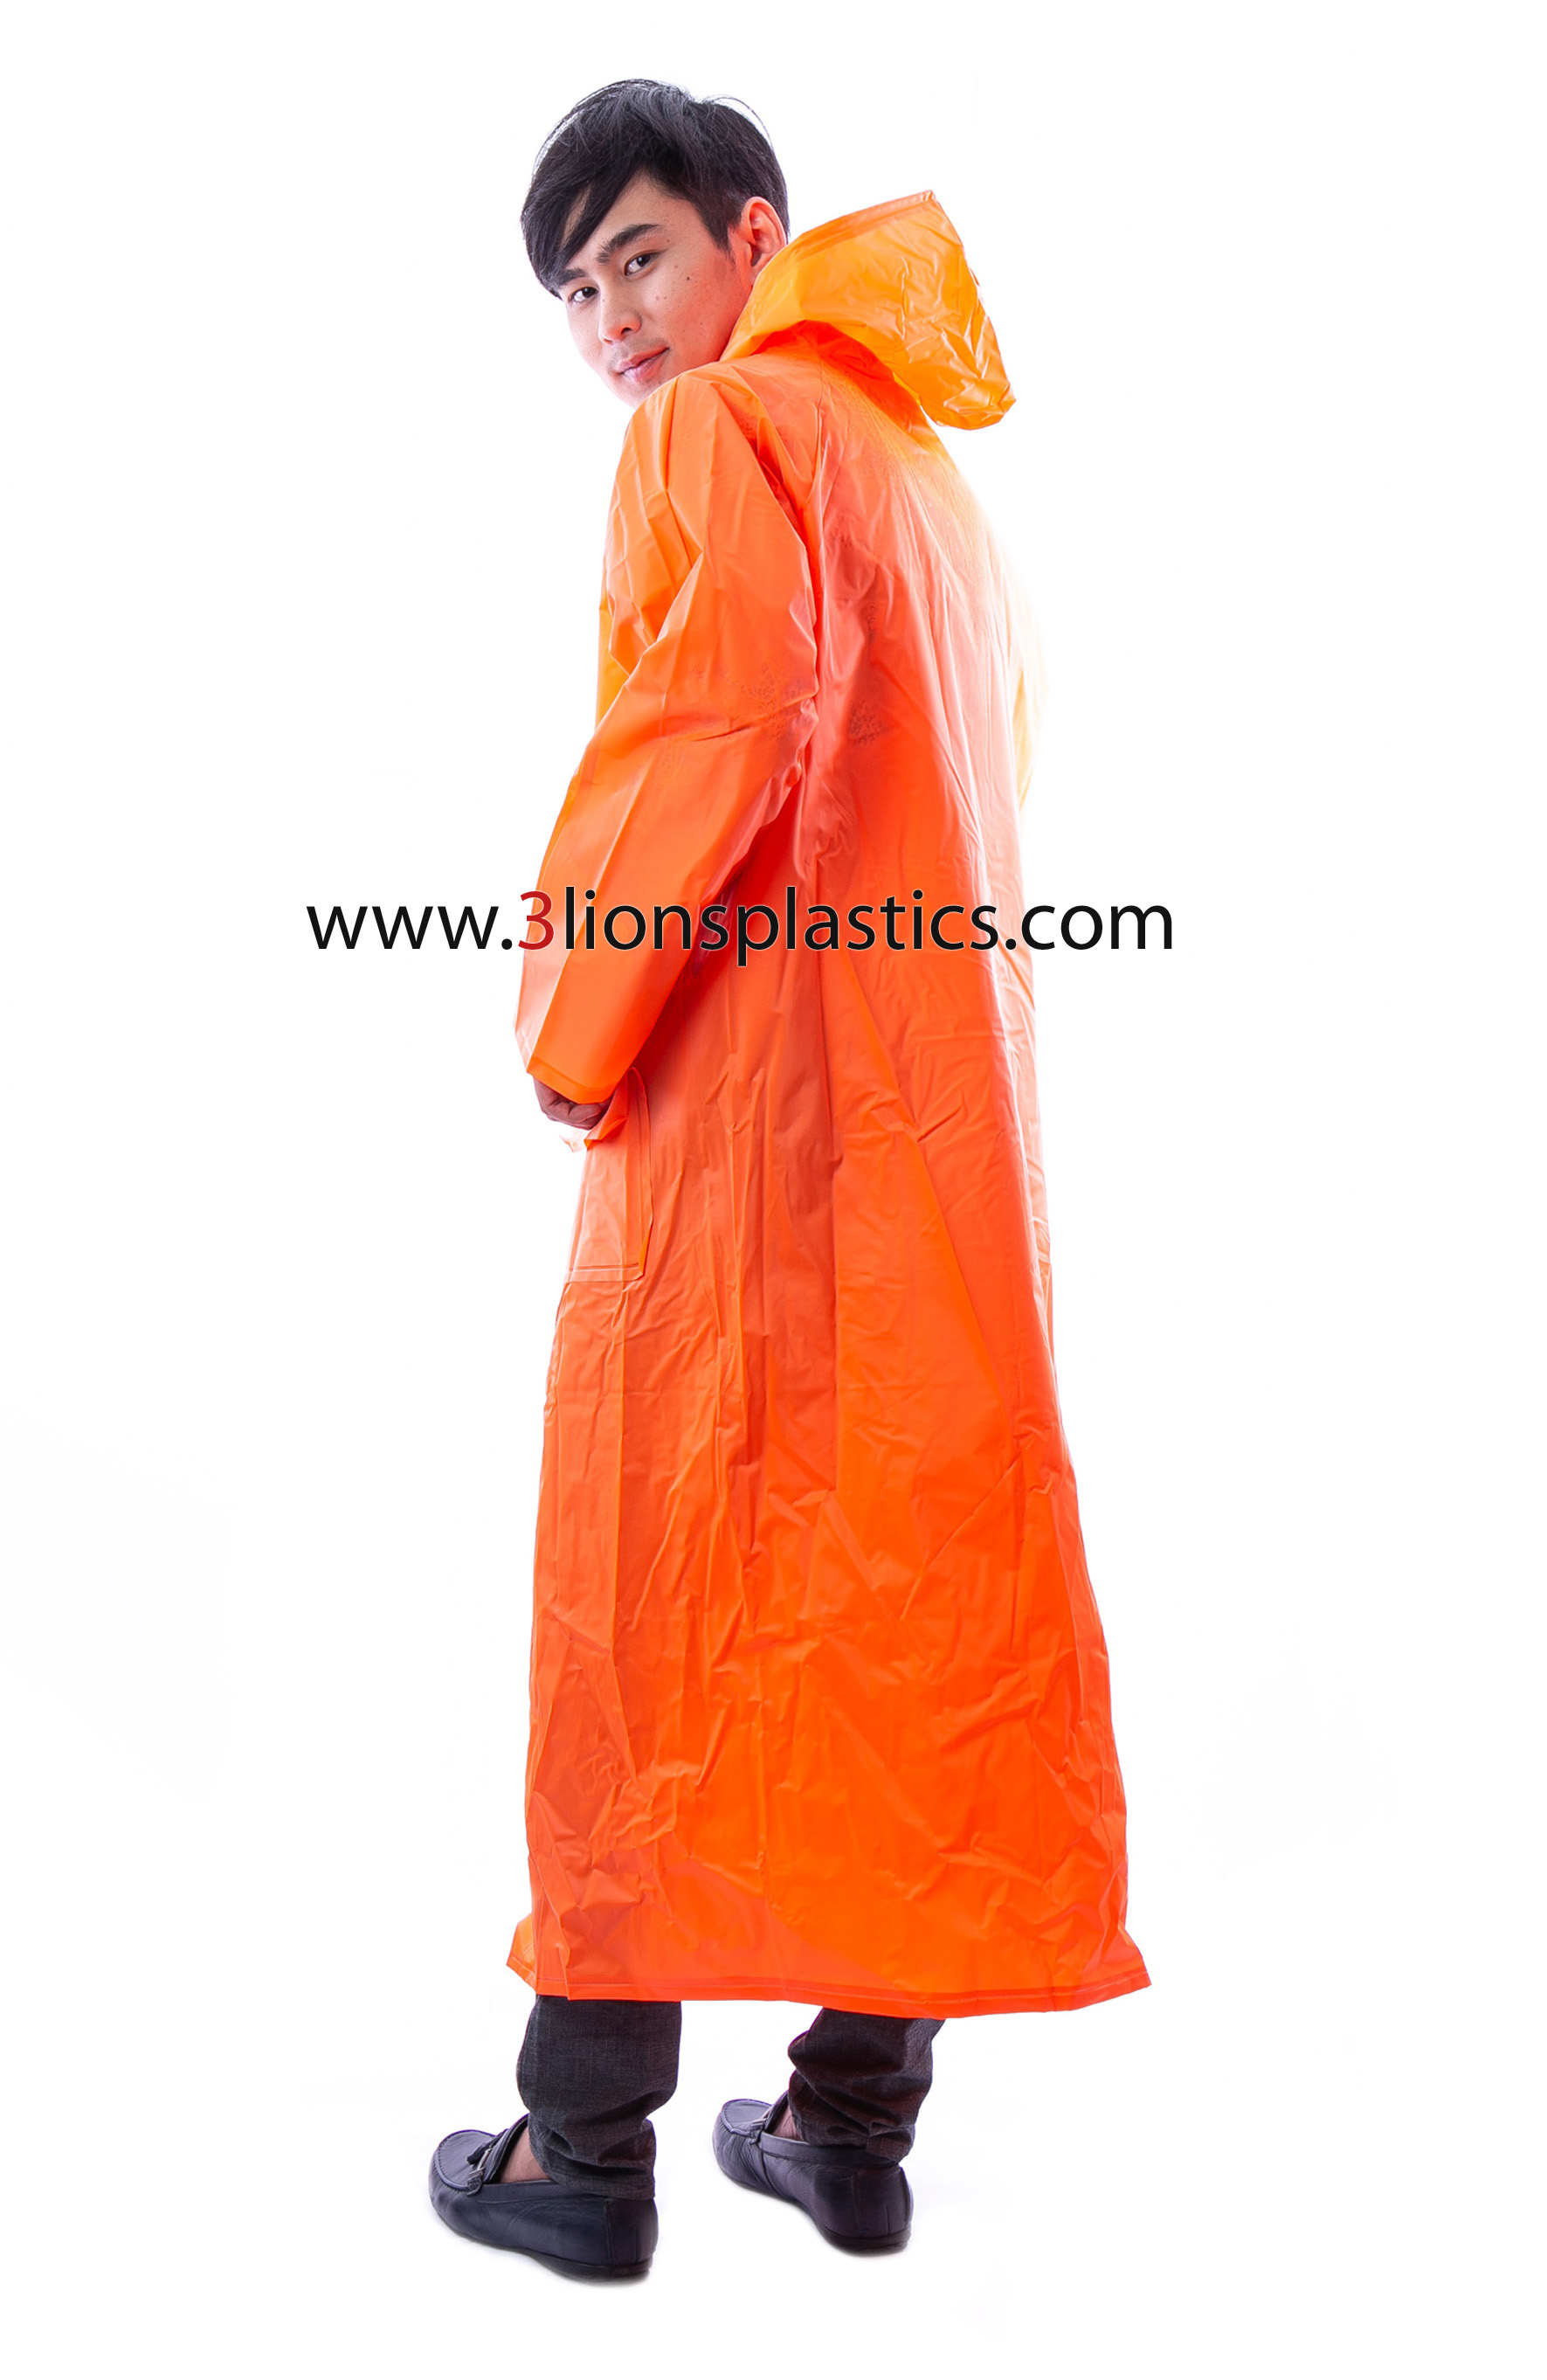 30-RG002/6 เสื้อกันฝนผู้ใหญ่ ส้มจราจร (ภาพนี้ตกแต่งเพื่อการโฆษณาเท่านั้น) - โรงงานผลิตเสื้อกันฝน